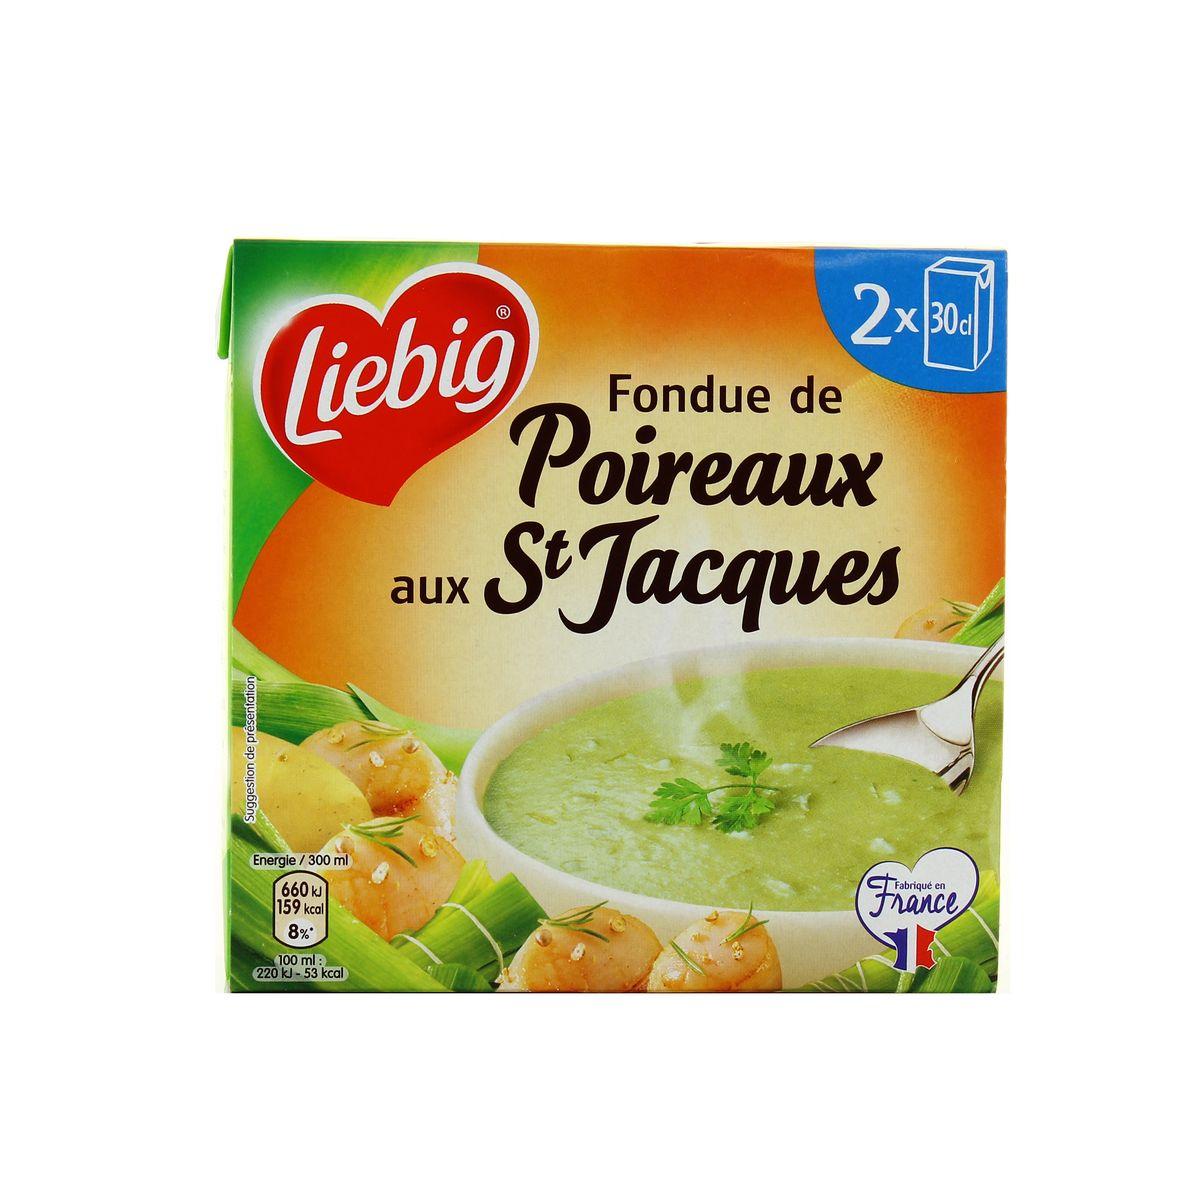 Soupe fondue de poireaux aux saint jacques, Liebig (2 x 30 cl)